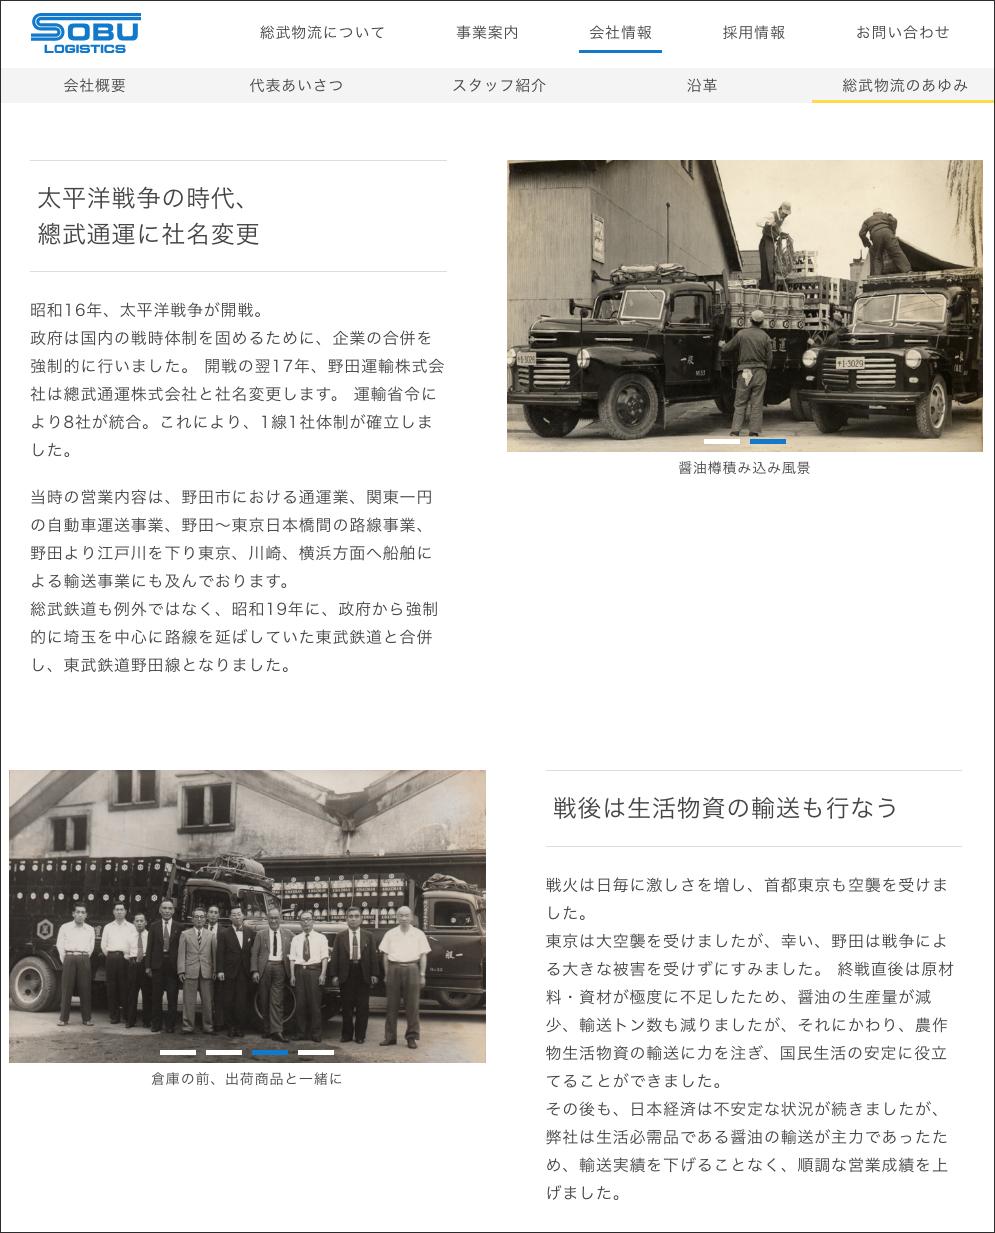 総武物流の歴史